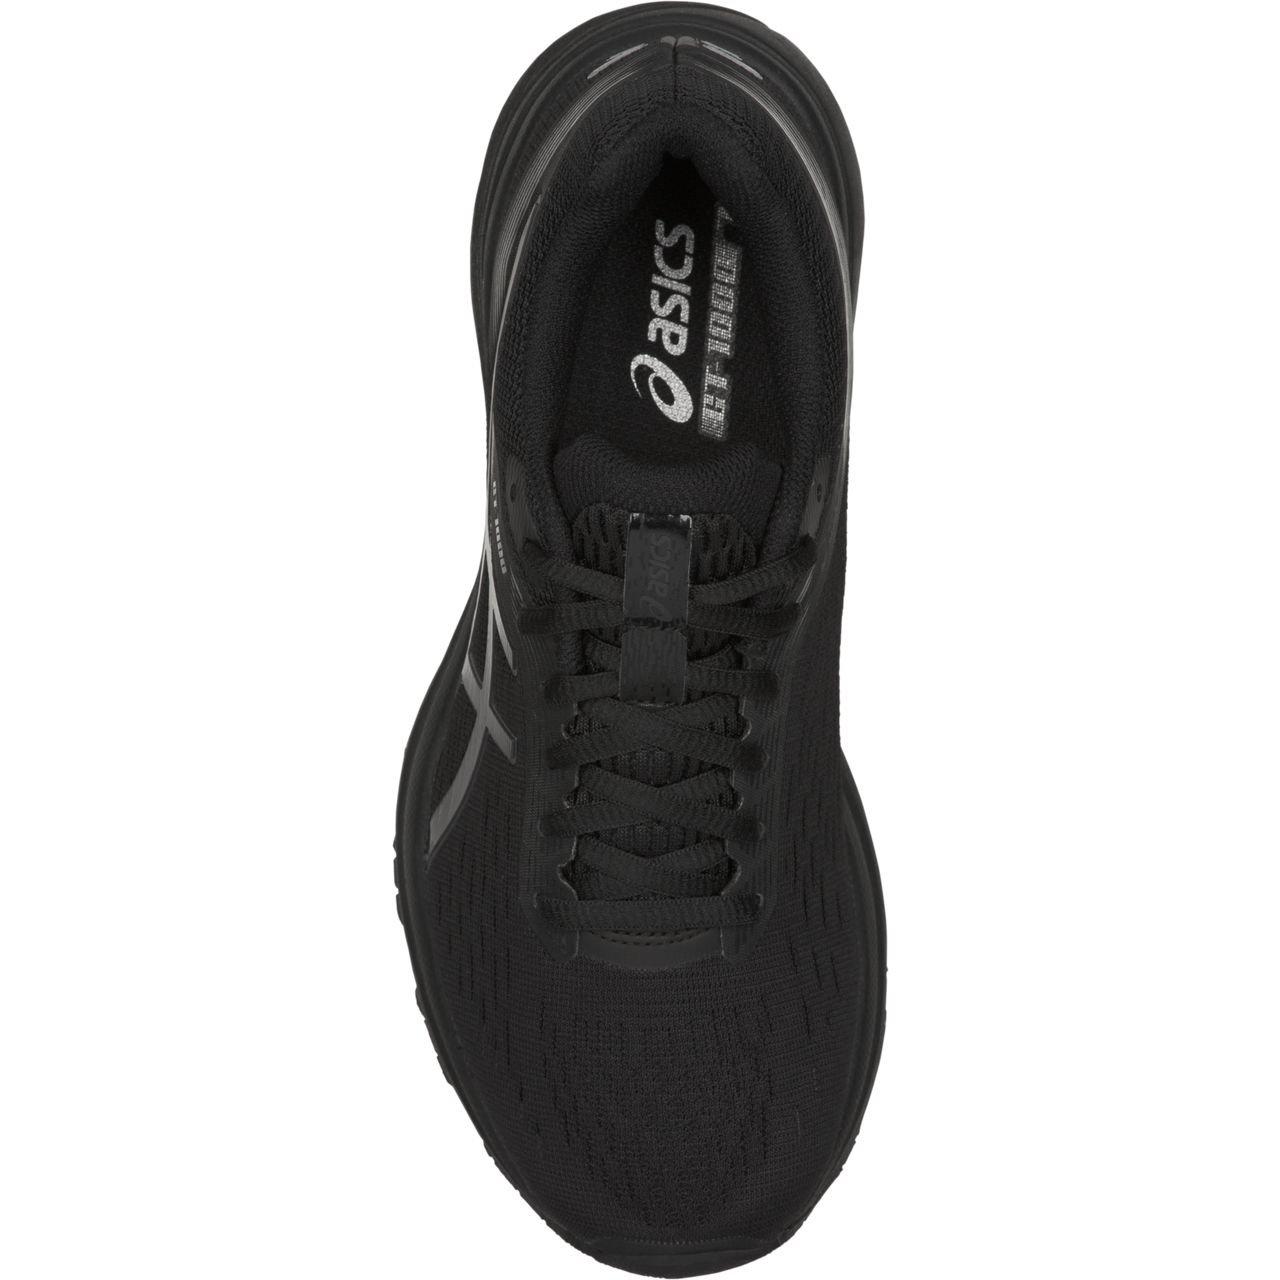 ASICS Running Women's GT-1000 7 (D) Running ASICS Shoe B079SFF17T 8.5 M US|Black/Phantom d8a0d1